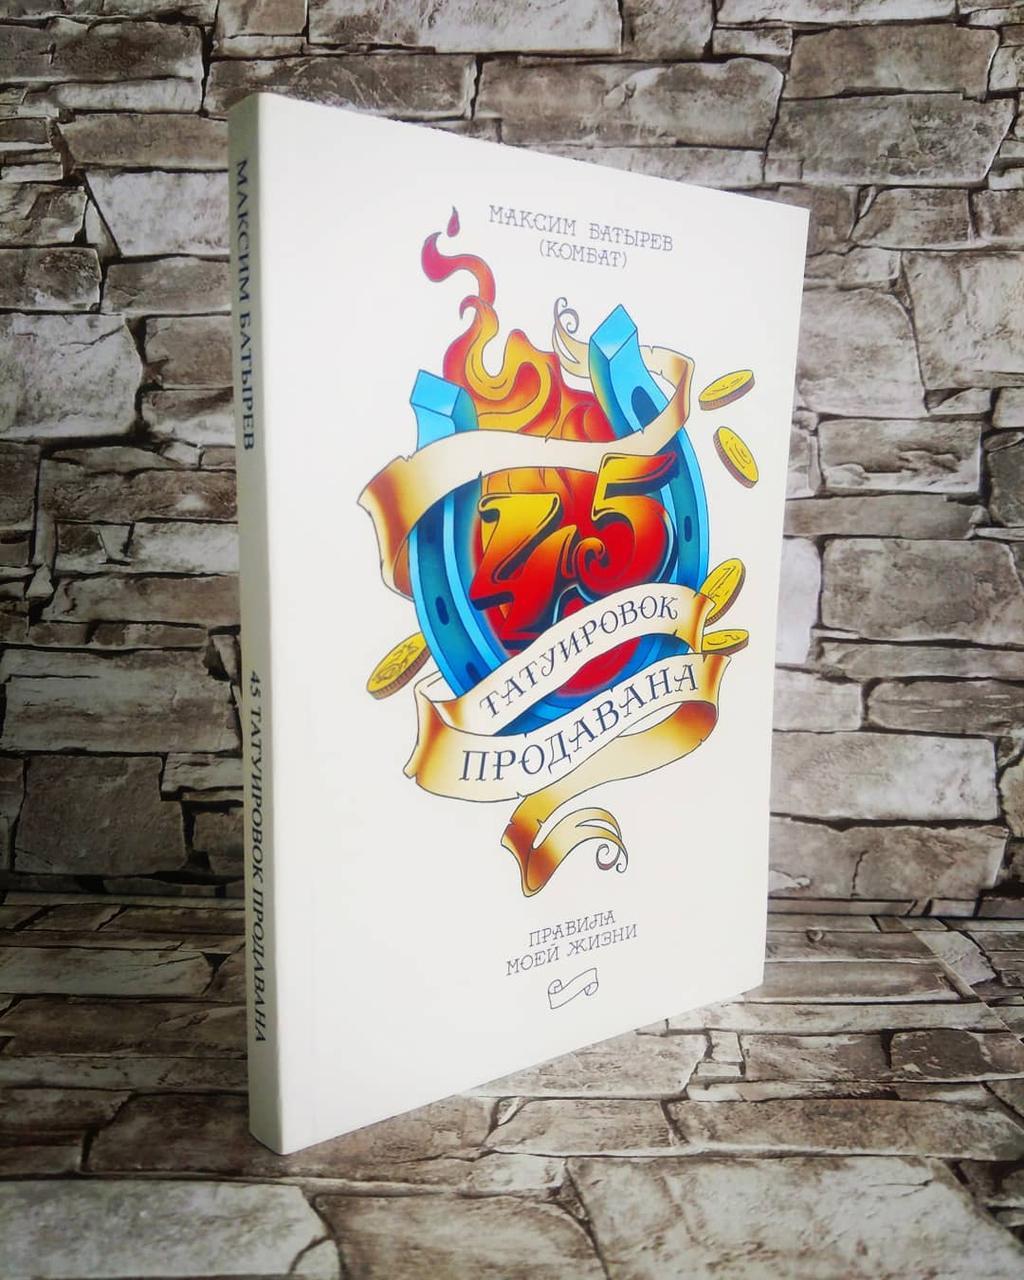 """Книга """"45 татуировок продавана. Правила для тех, кто продает и управляет продажами""""  Максим Батырев"""